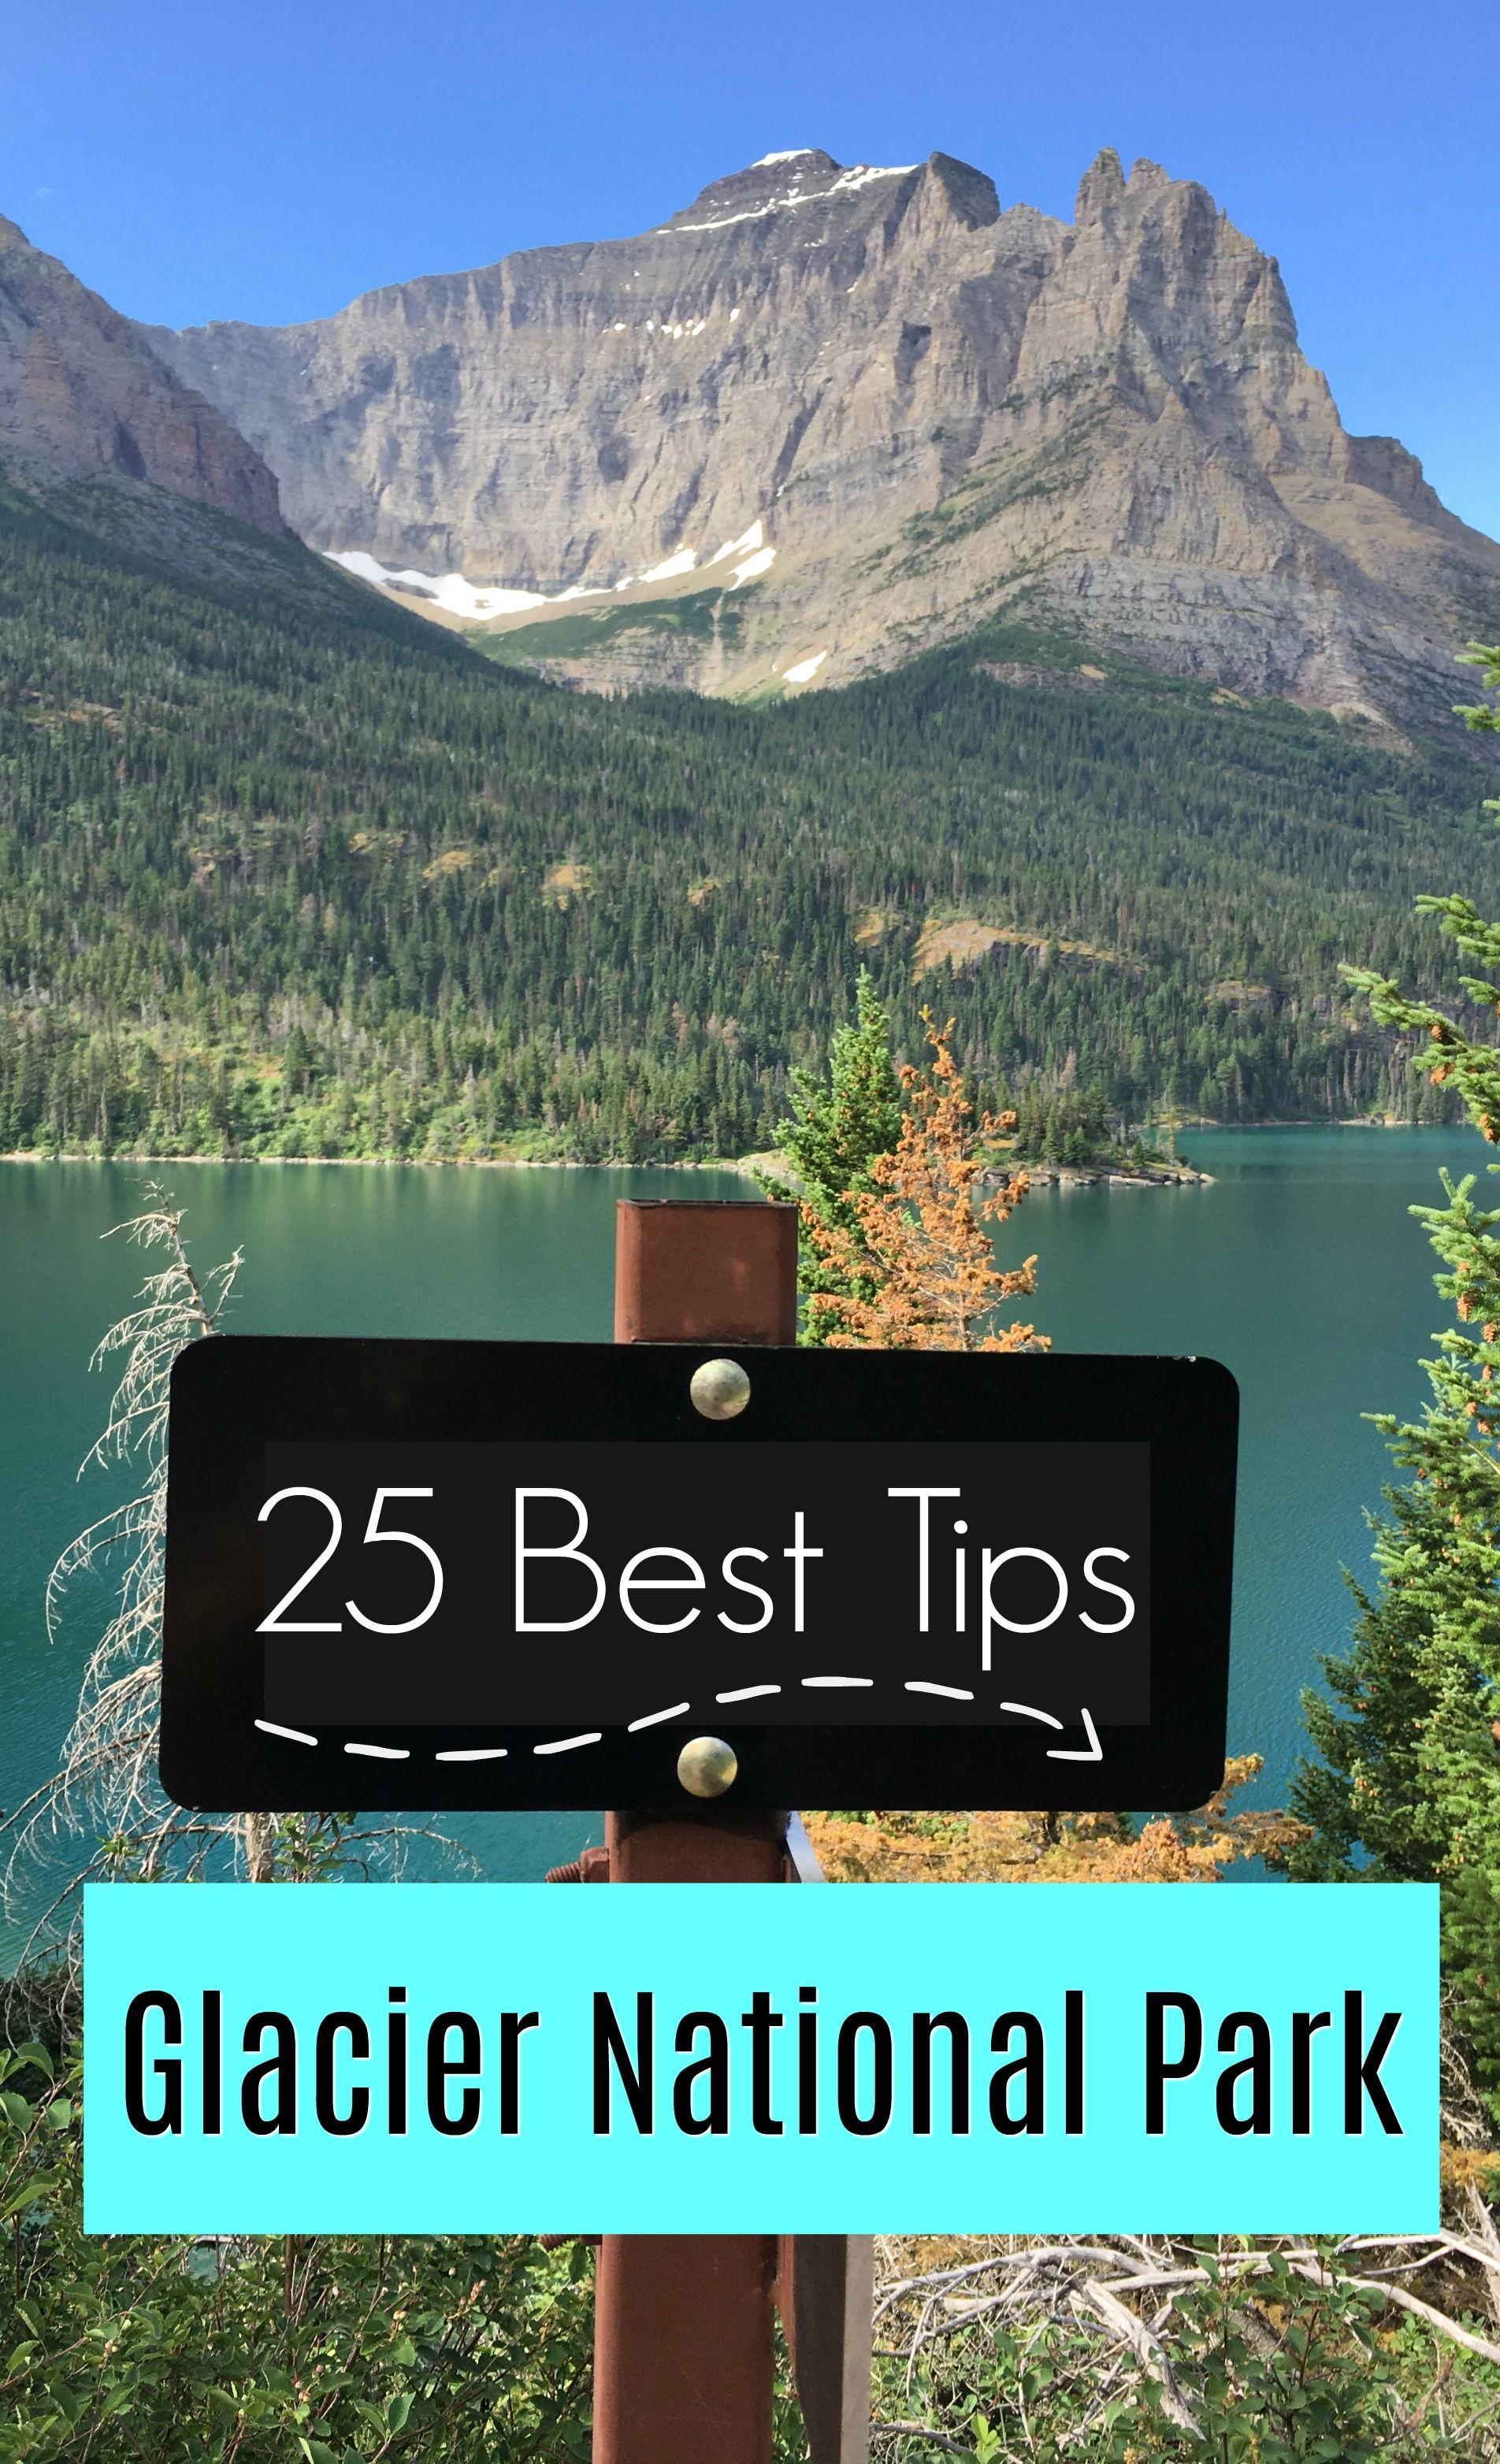 25 travel tips for glacier national park   glacier info   pinterest